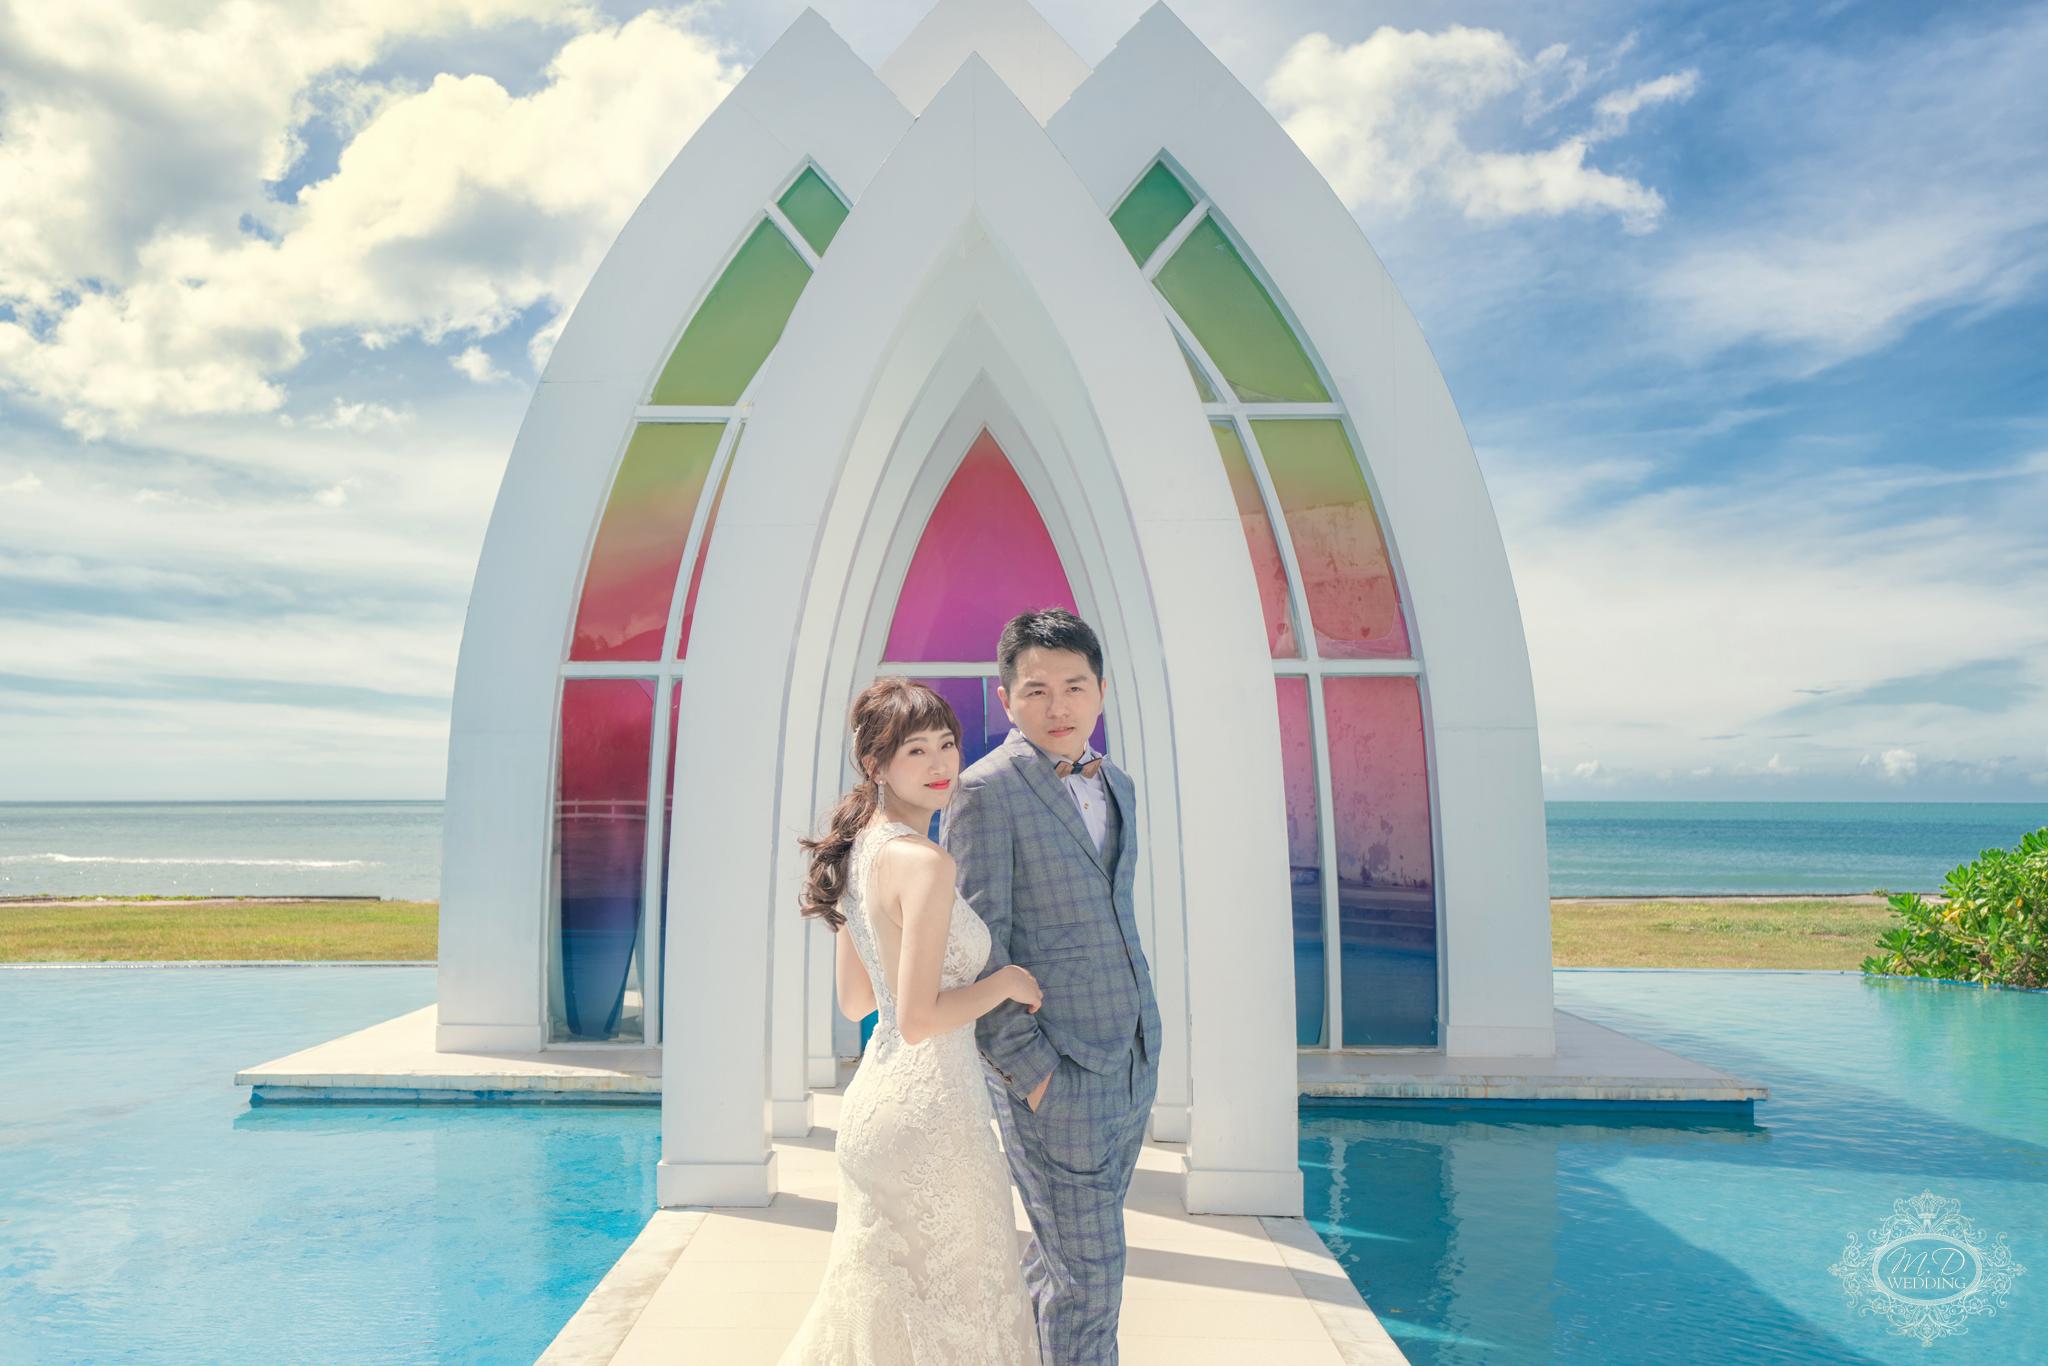 淡水莊園婚紗基地 浪漫風格 逆光婚紗 唯美風 台北婚紗推薦 韓系小清新婚紗